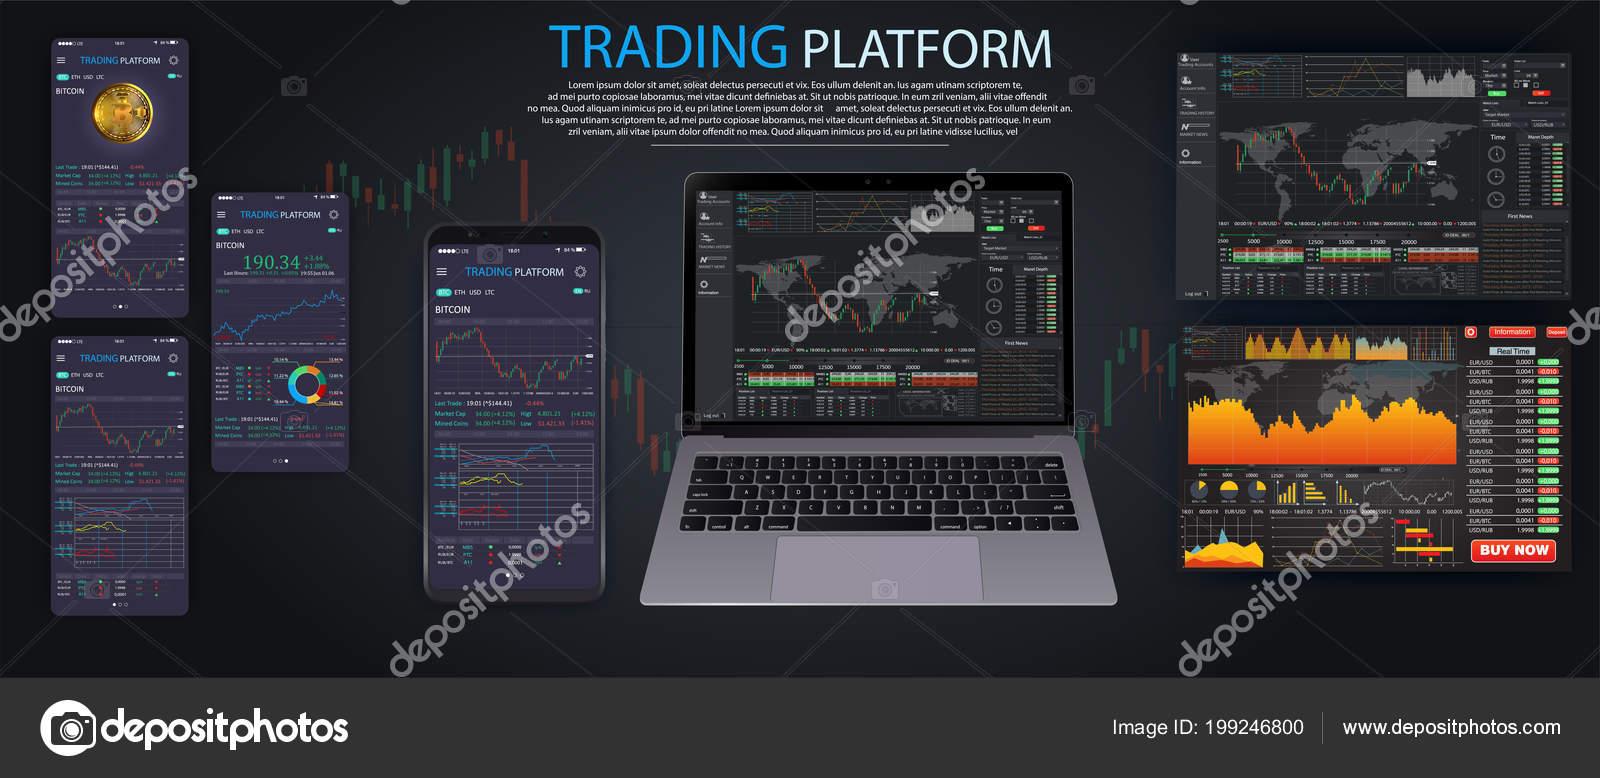 Revisión de plataformas de comercio binario